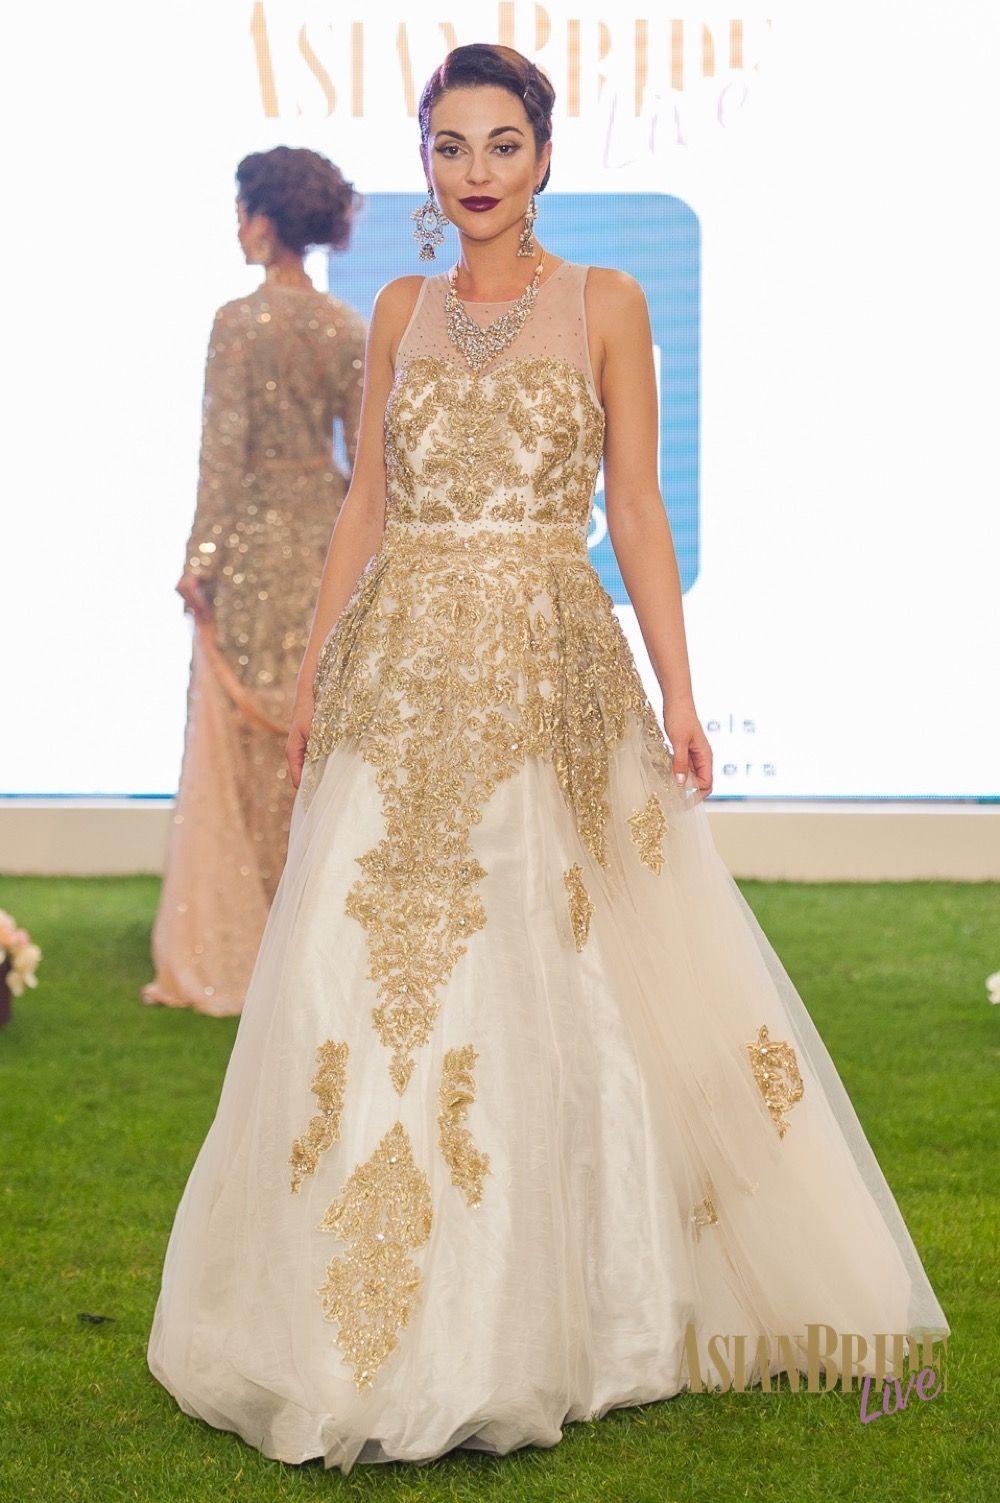 021f219c8a White & gold Wedding Dress Bibi London -INDIAN-PAKISTANI-WEDDING-FASHION